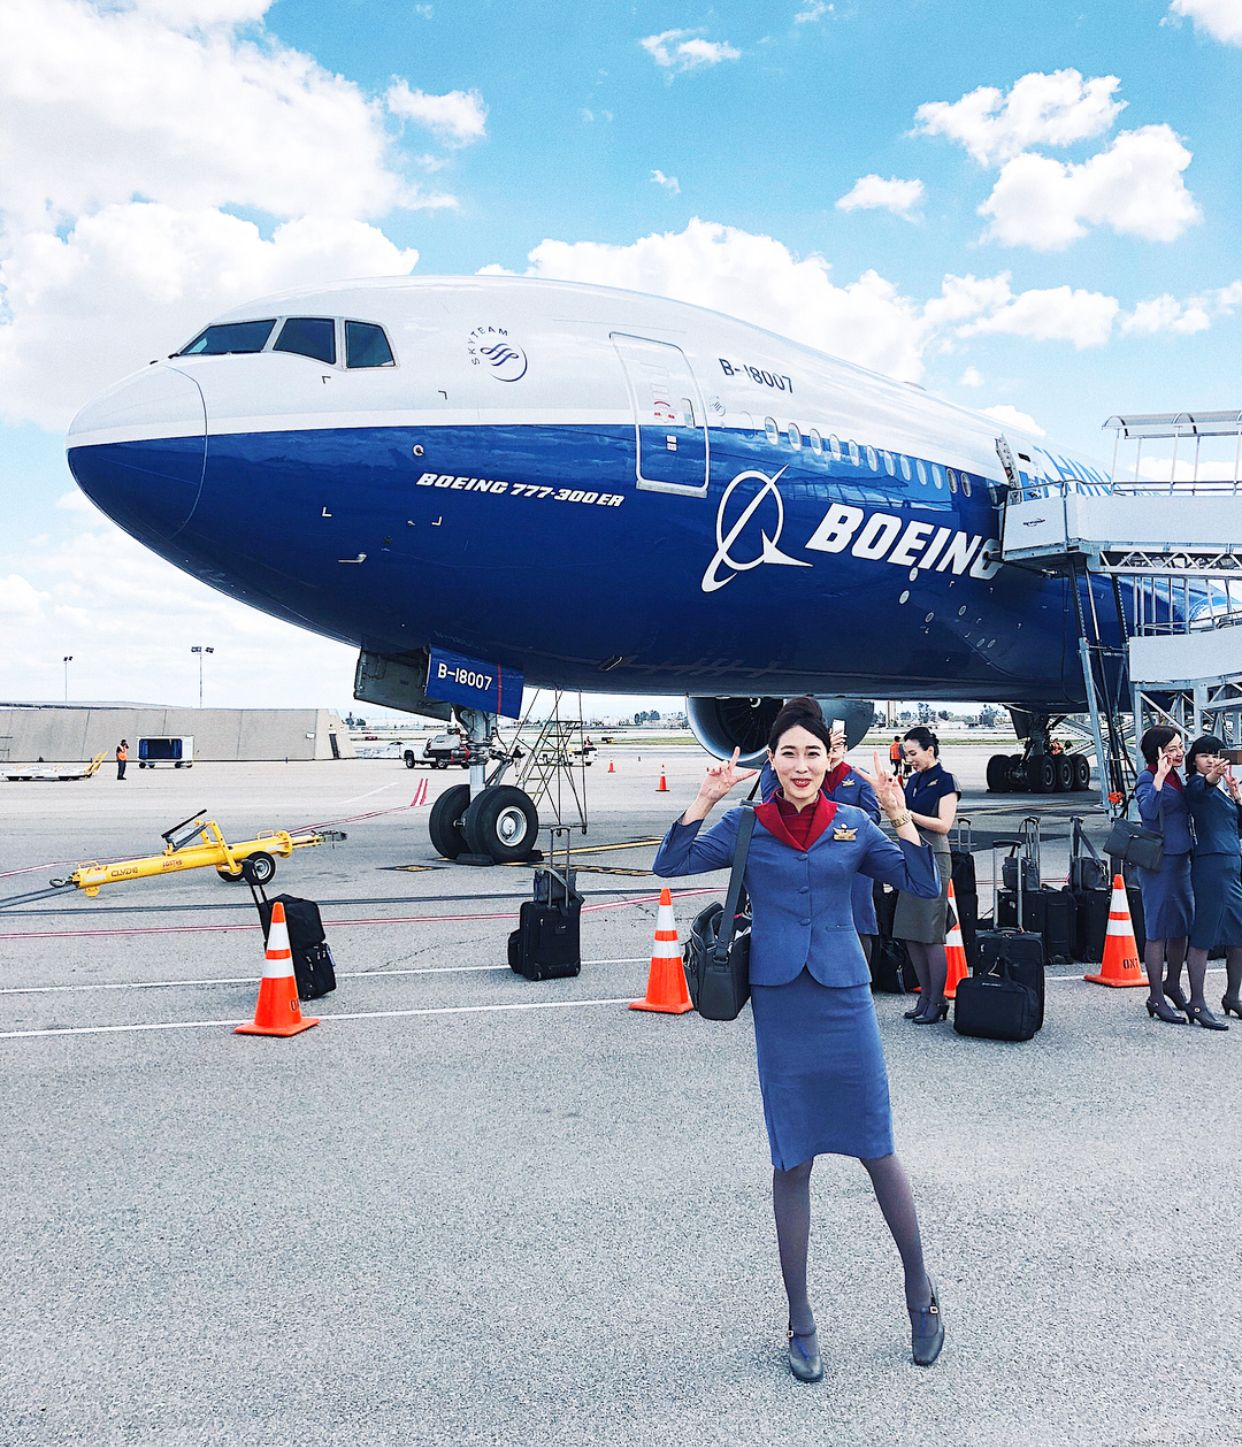 【台湾】チャイナエアライン(中華航空)客室乗務員/ China Airlines cabin crew【Taiwan